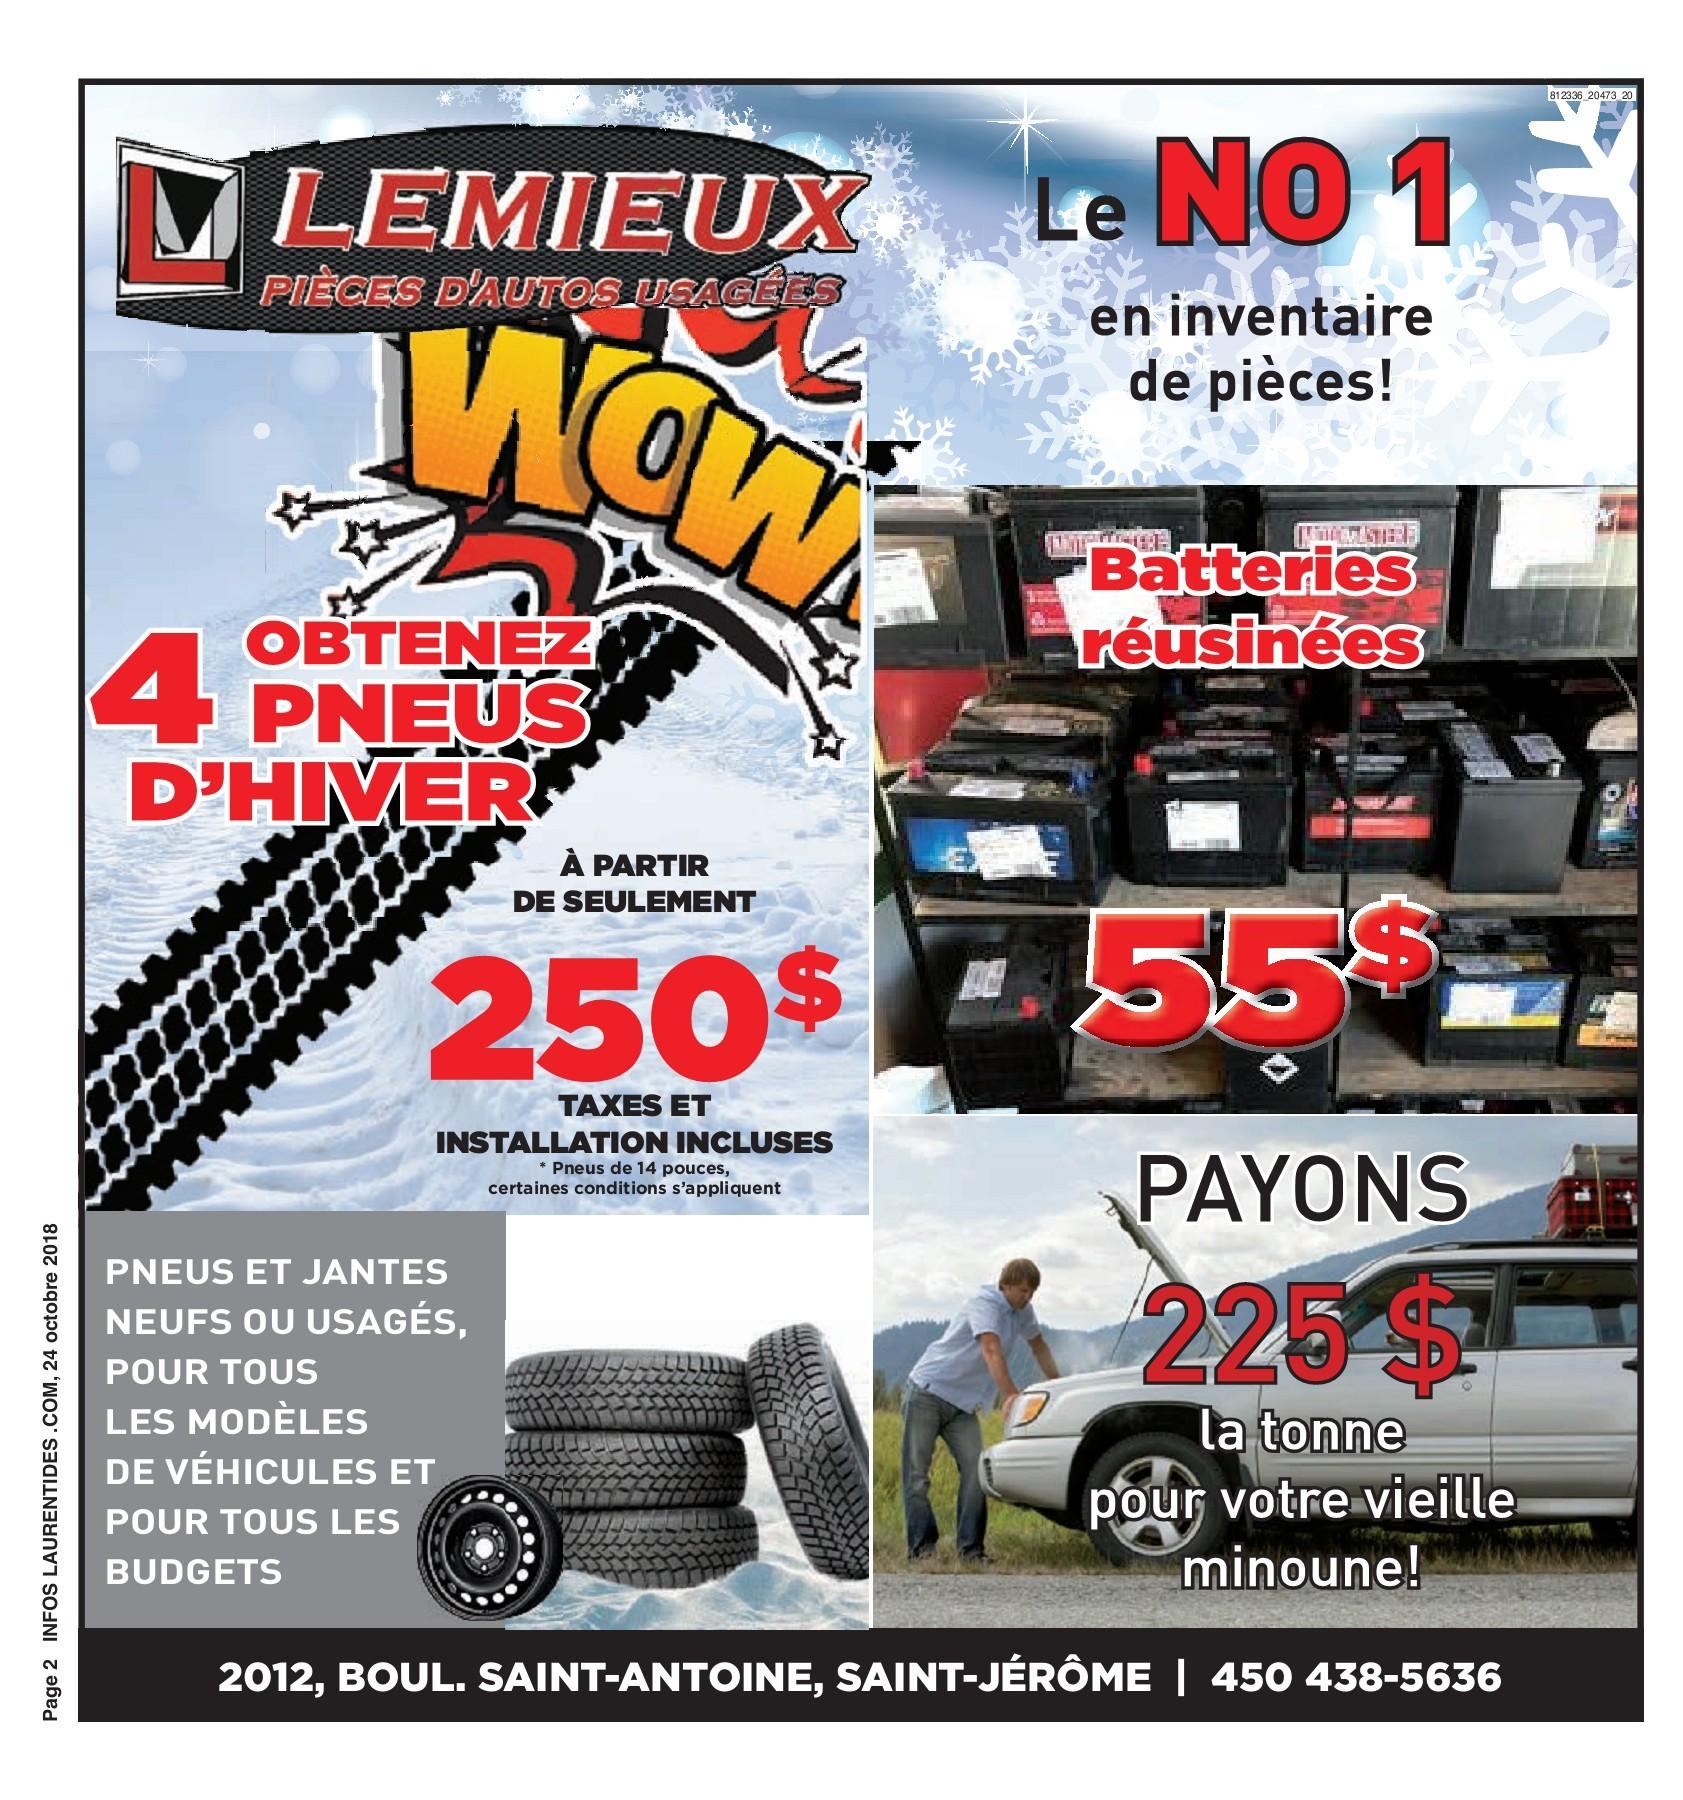 Leclerc Le Plus Proche Luxe Ila Pages 1 32 Text Version Of 27 Beau Leclerc Le Plus Proche